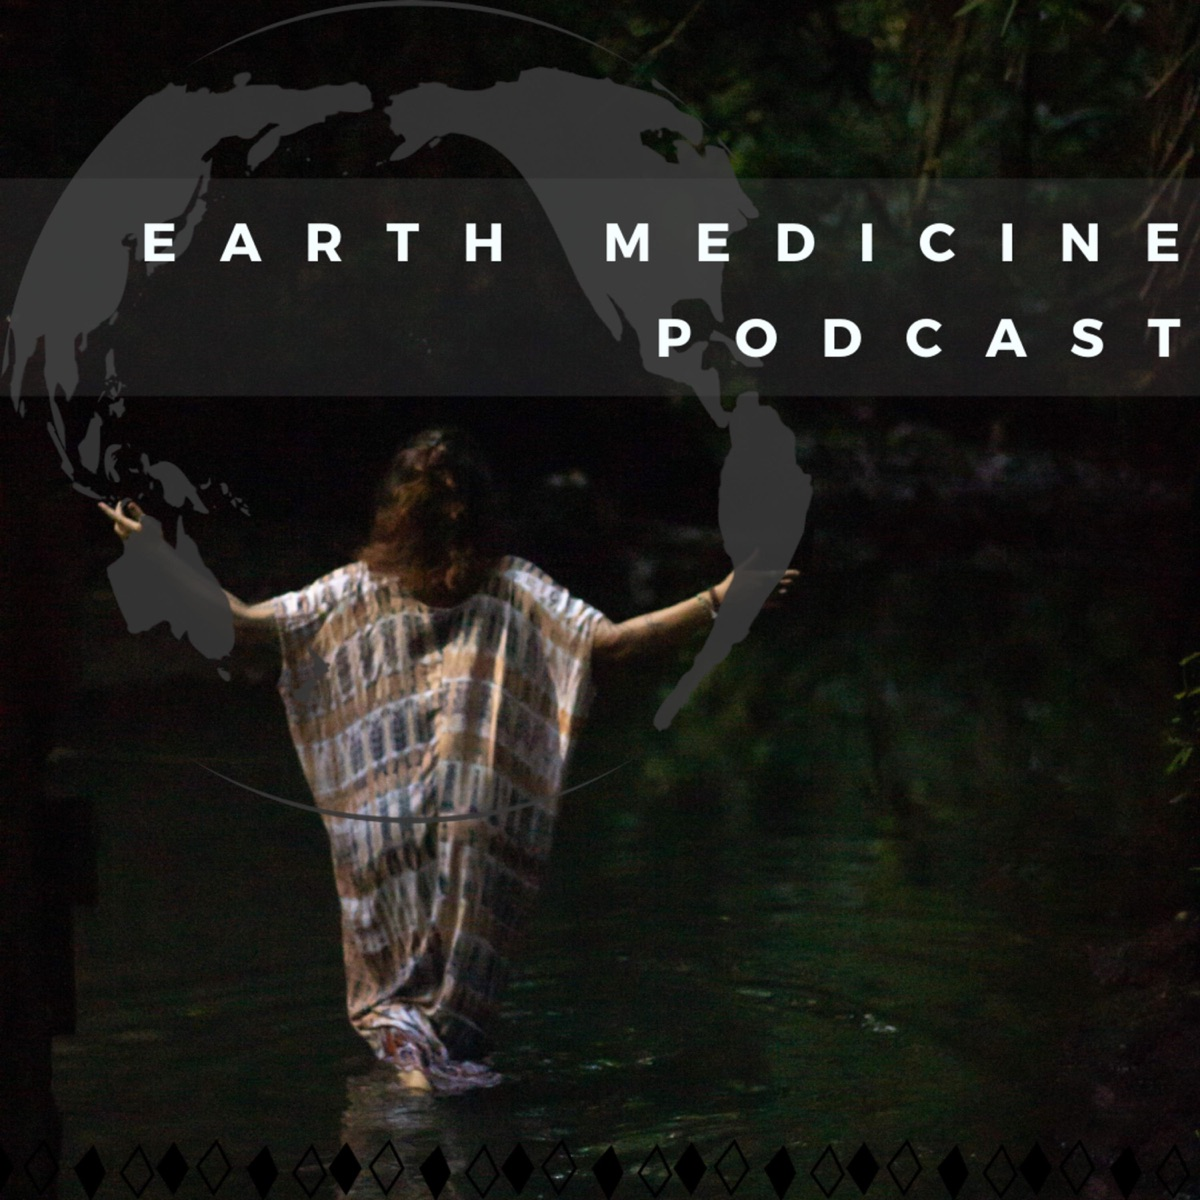 Earth Medicine Podcast